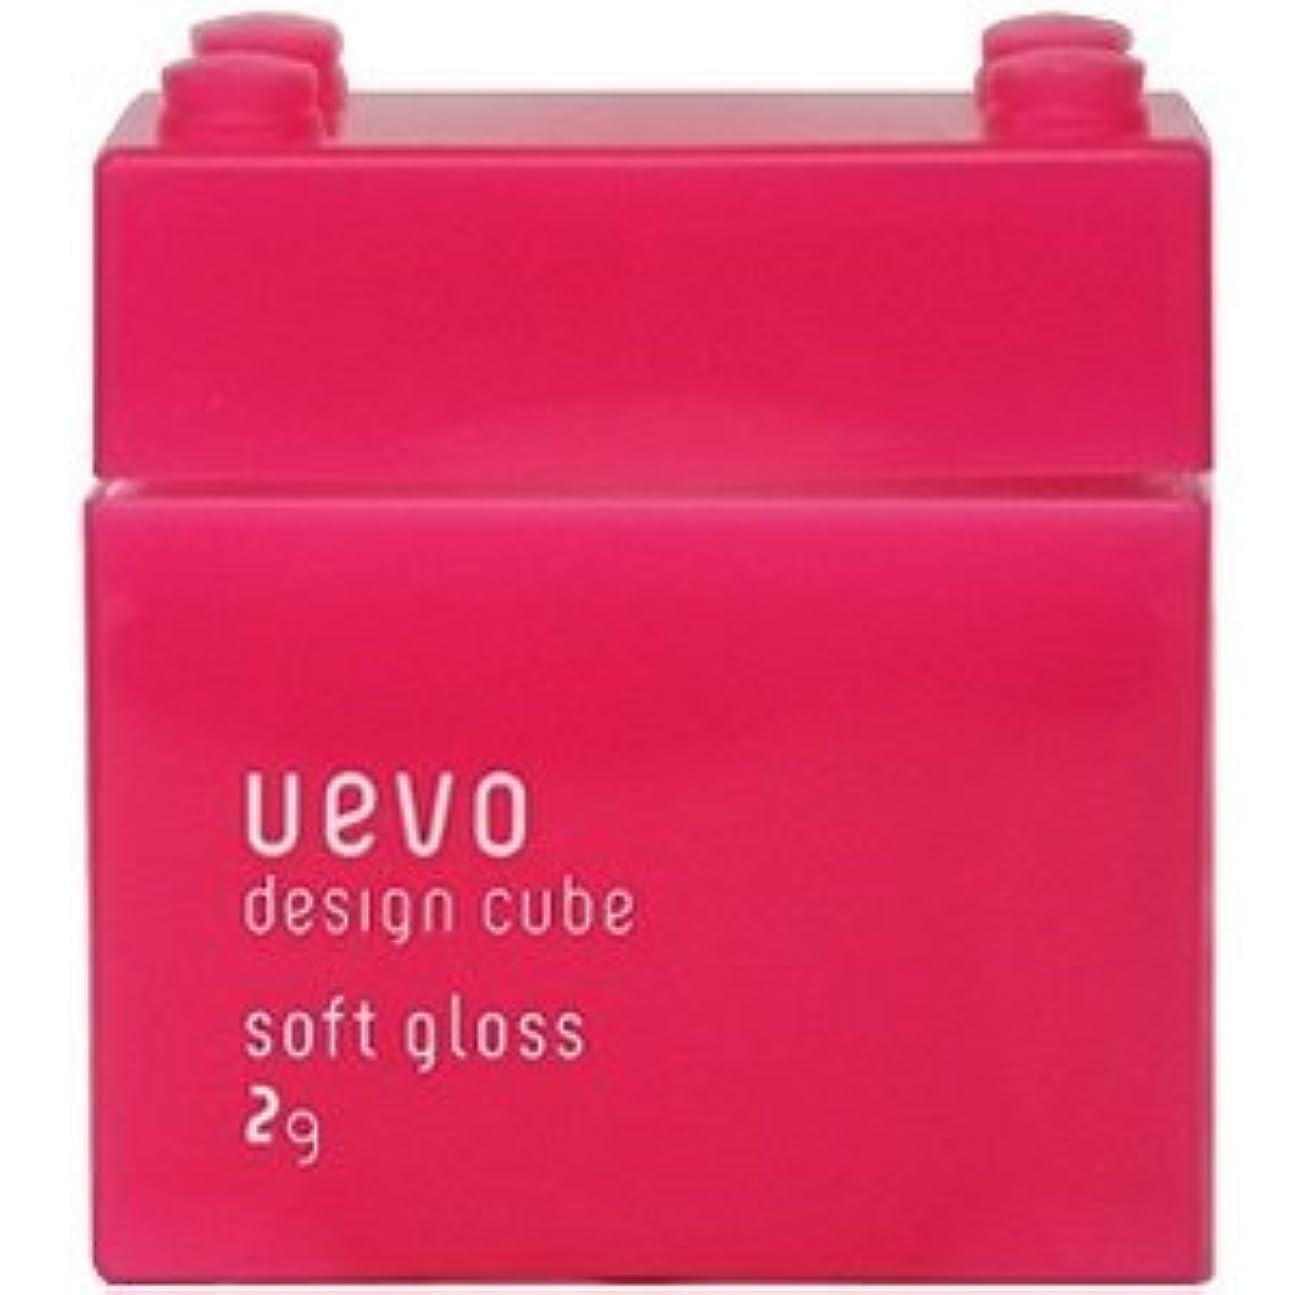 アルネ静けさ染色【X2個セット】 デミ ウェーボ デザインキューブ ソフトグロス 80g soft gloss DEMI uevo design cube